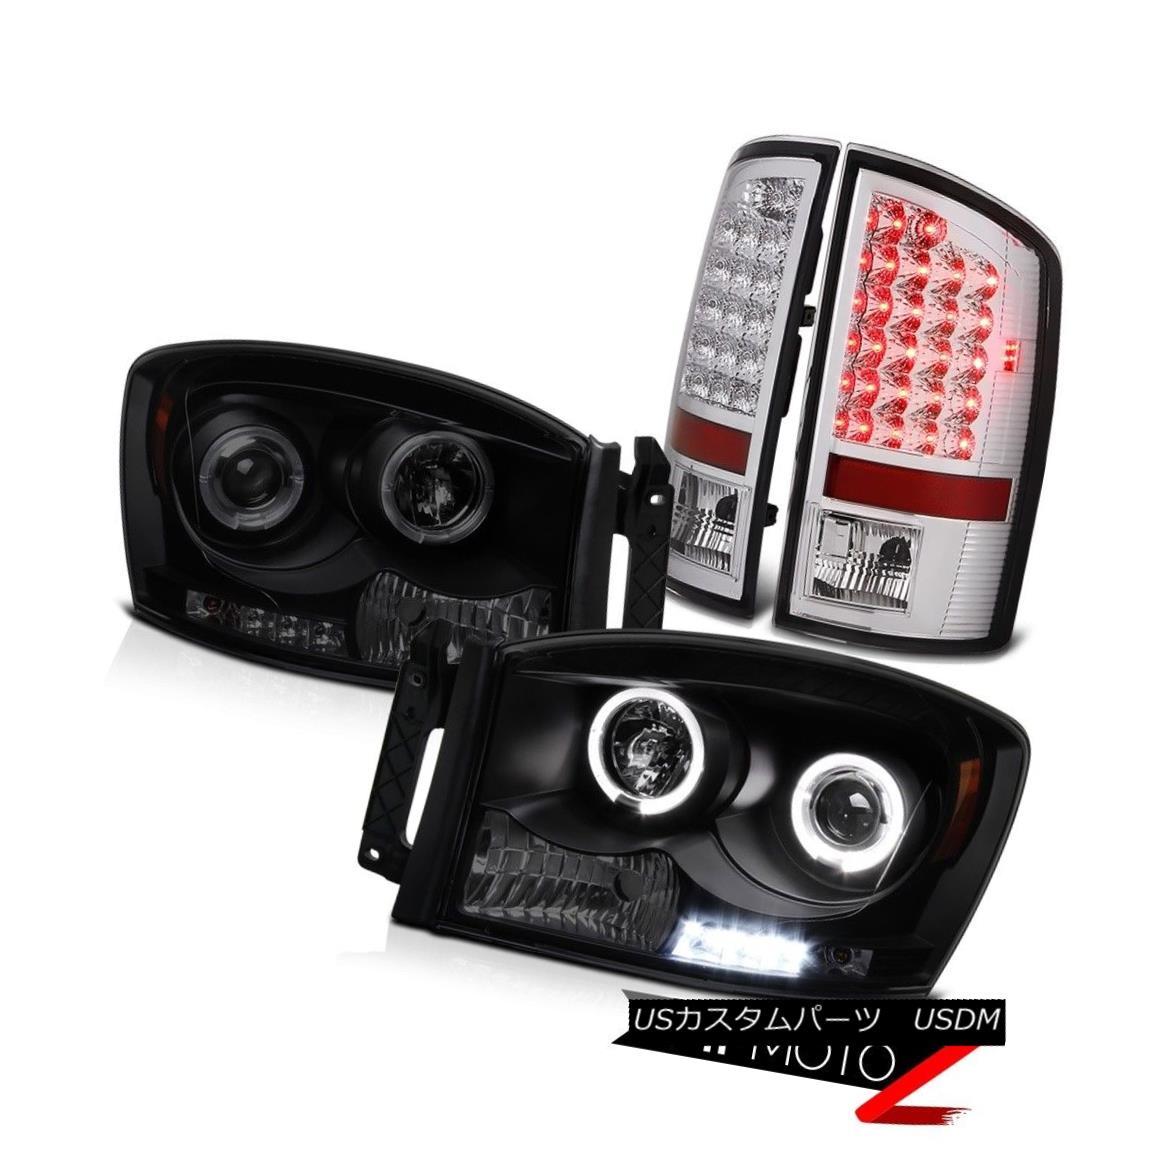 ヘッドライト 2006 Dodge Ram 4.7L Halo SINSTER BLACK Headlights Chrome Rear Brake Tail Lights 2006 Dodge Ram 4.7L Halo SINISTER BLACKヘッドライトChrome Rear Brake Tail Lights